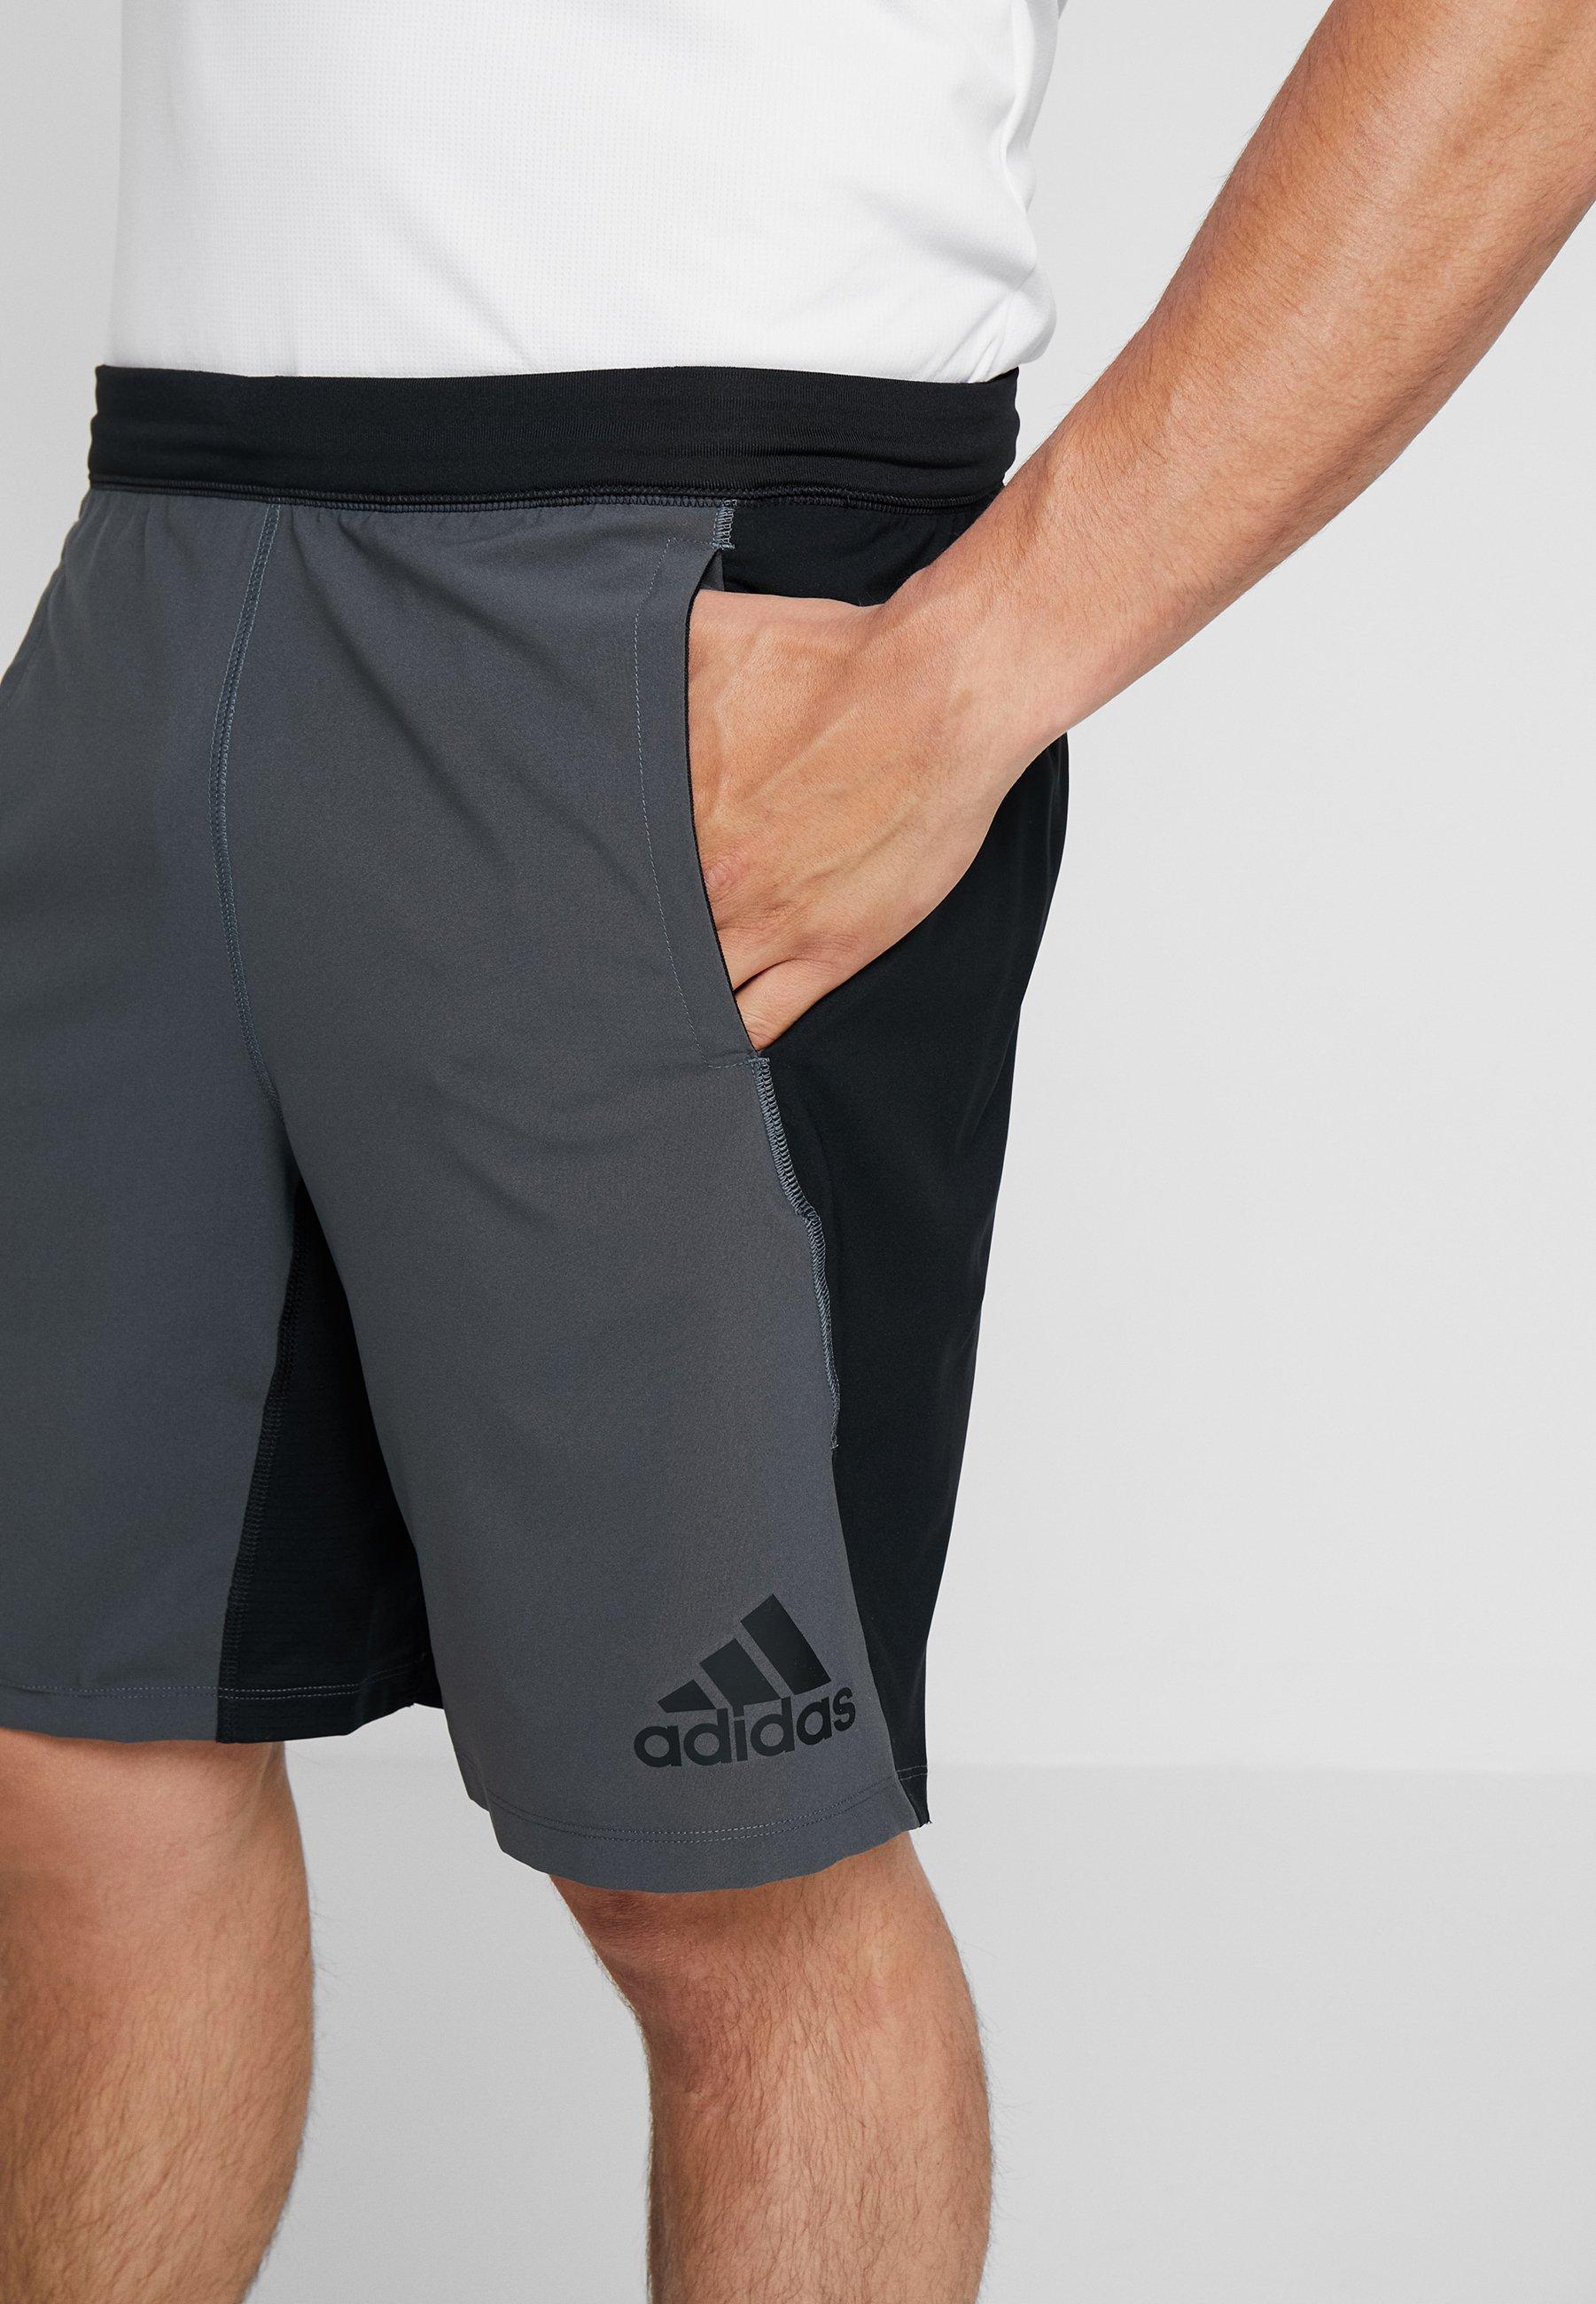 adidas Performance 4KRFT SPORT 10-INCH LIGHTWEIGHT SHORTS - Short de sport black/grey six